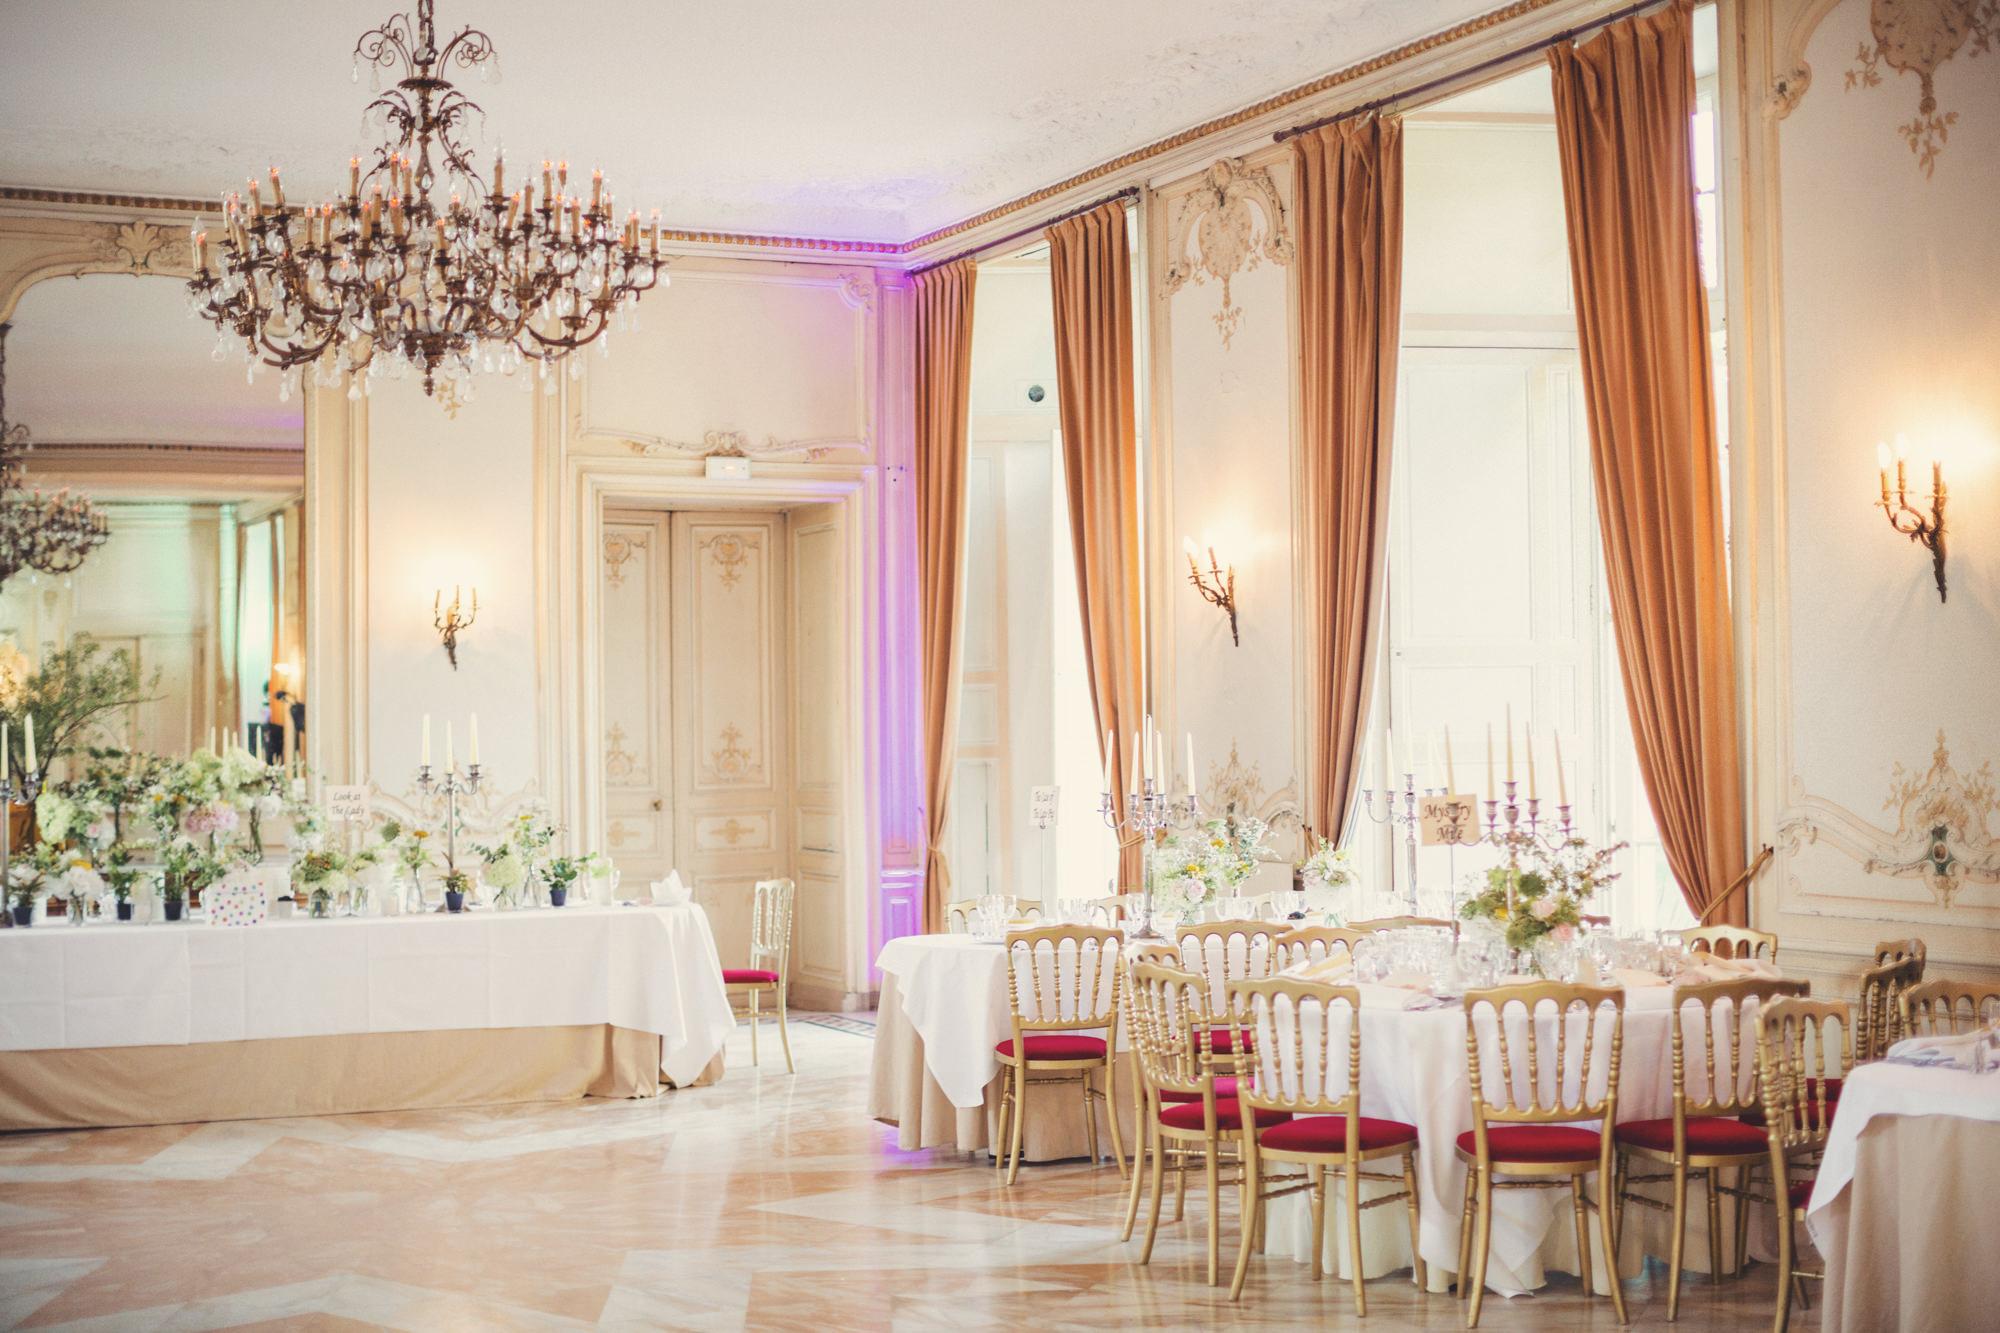 Mariage au Chateau d'Ermenonville@Anne-Claire Brun 94